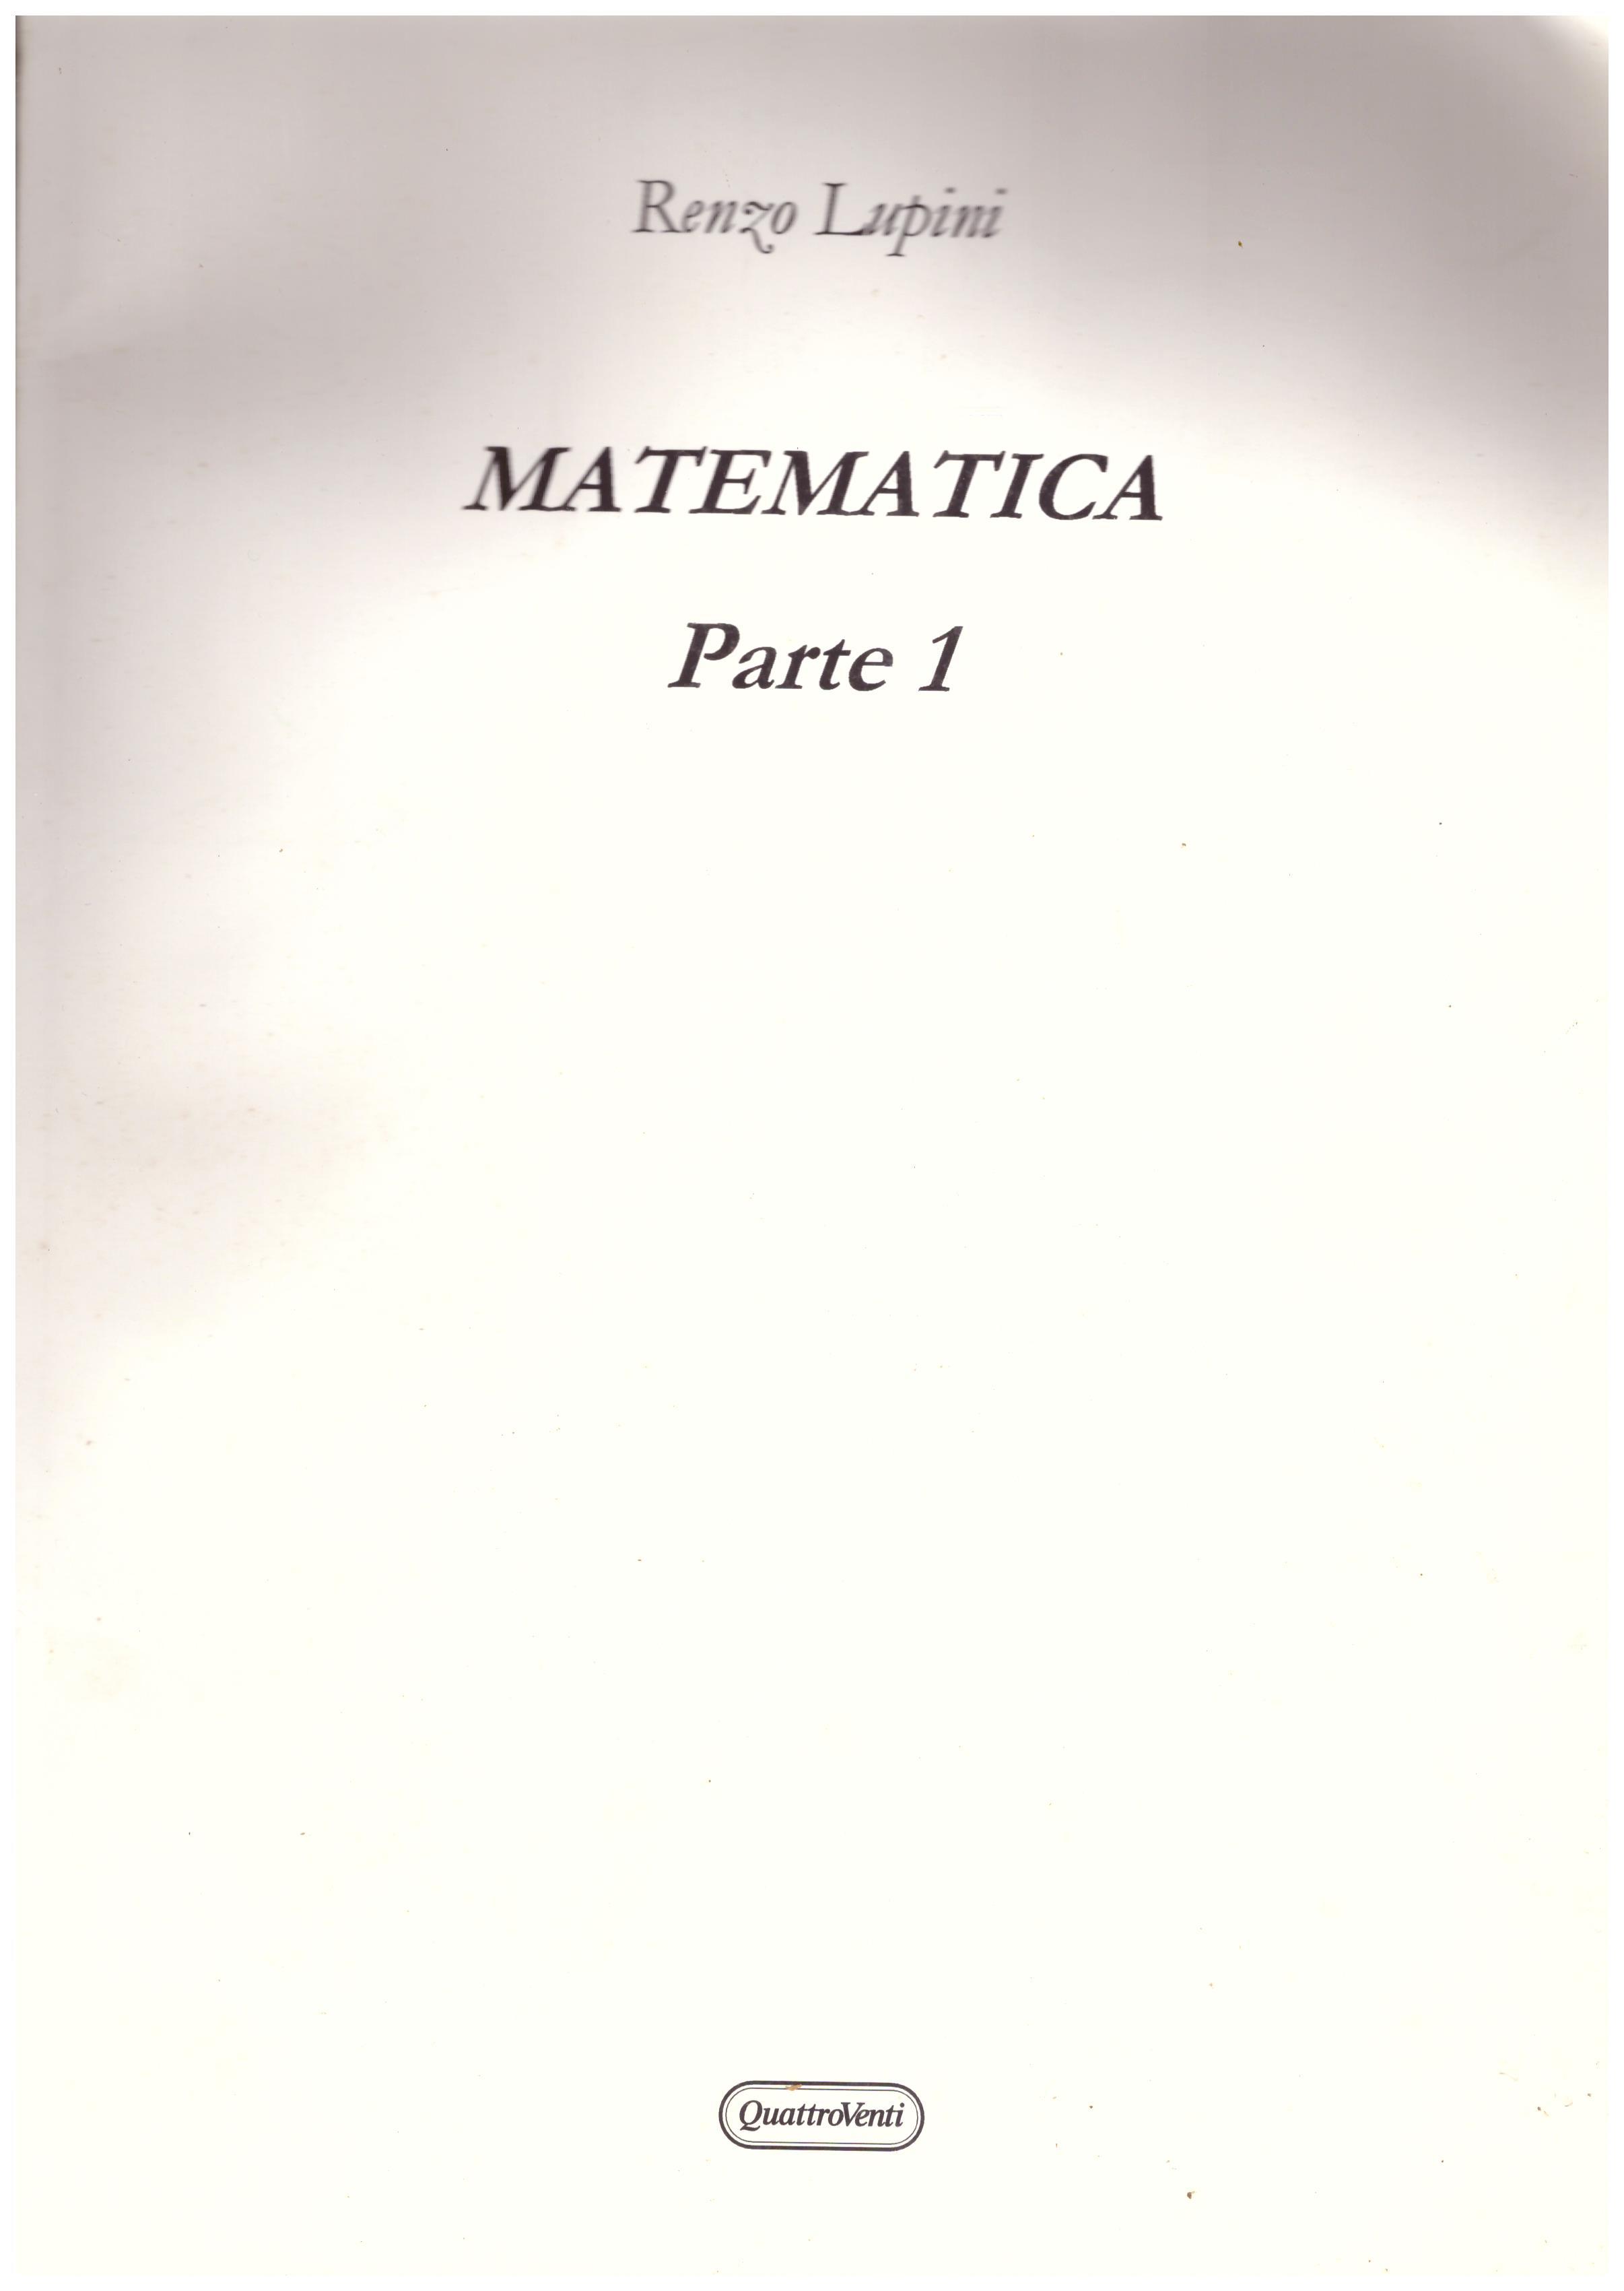 Titolo: Renzo Lupini Matematica parte 1 Autore: Renzo Lupini Editore: QuattroVenti